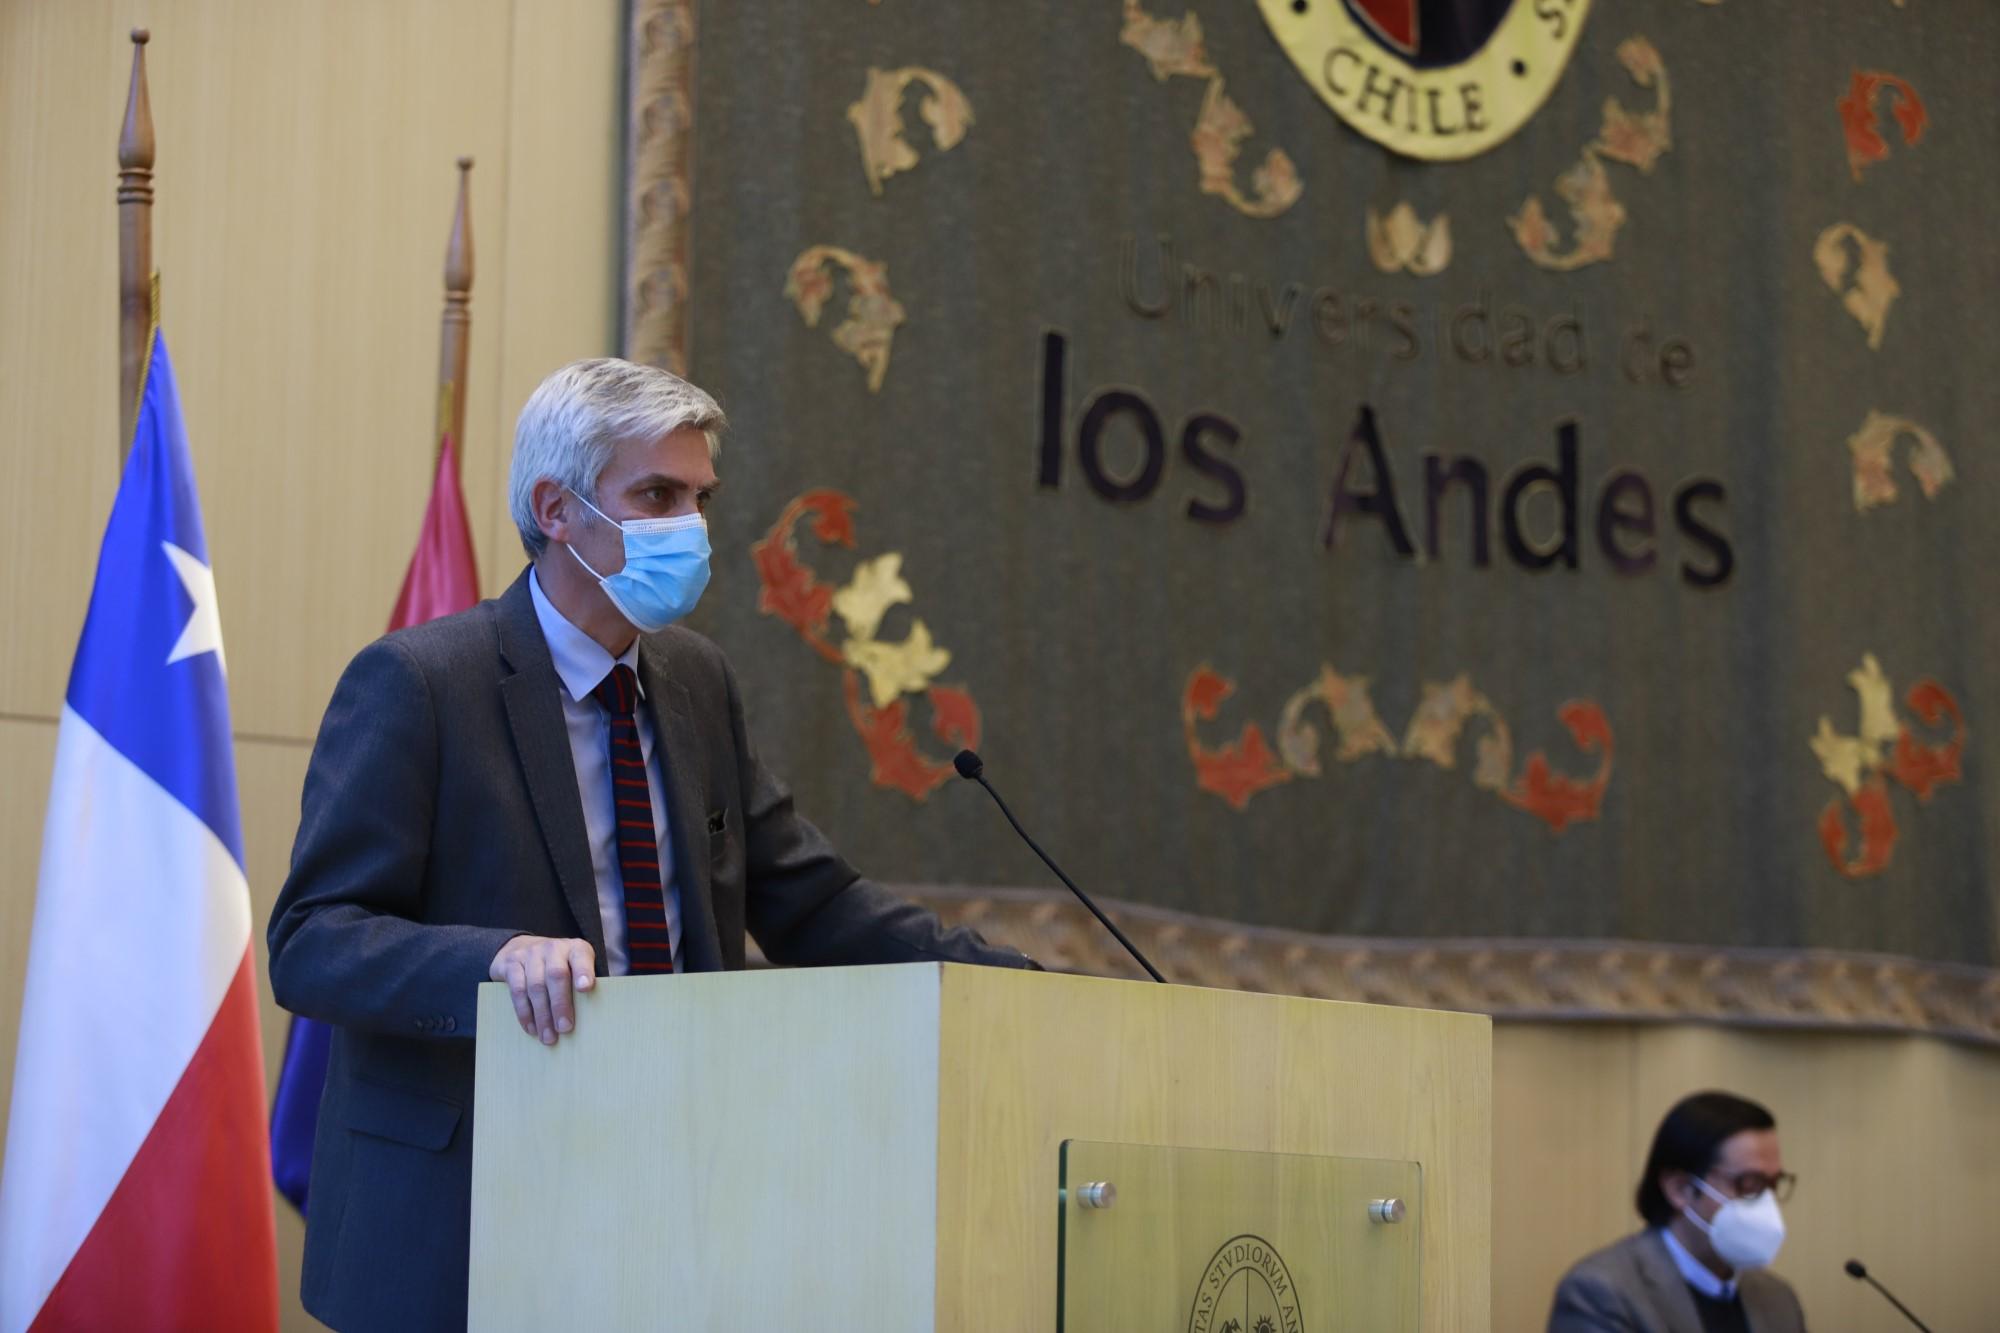 Dr. Sebastián Illanes asume como representante de los profesores titulares en el Consejo Superior de la Universidad de los Andes